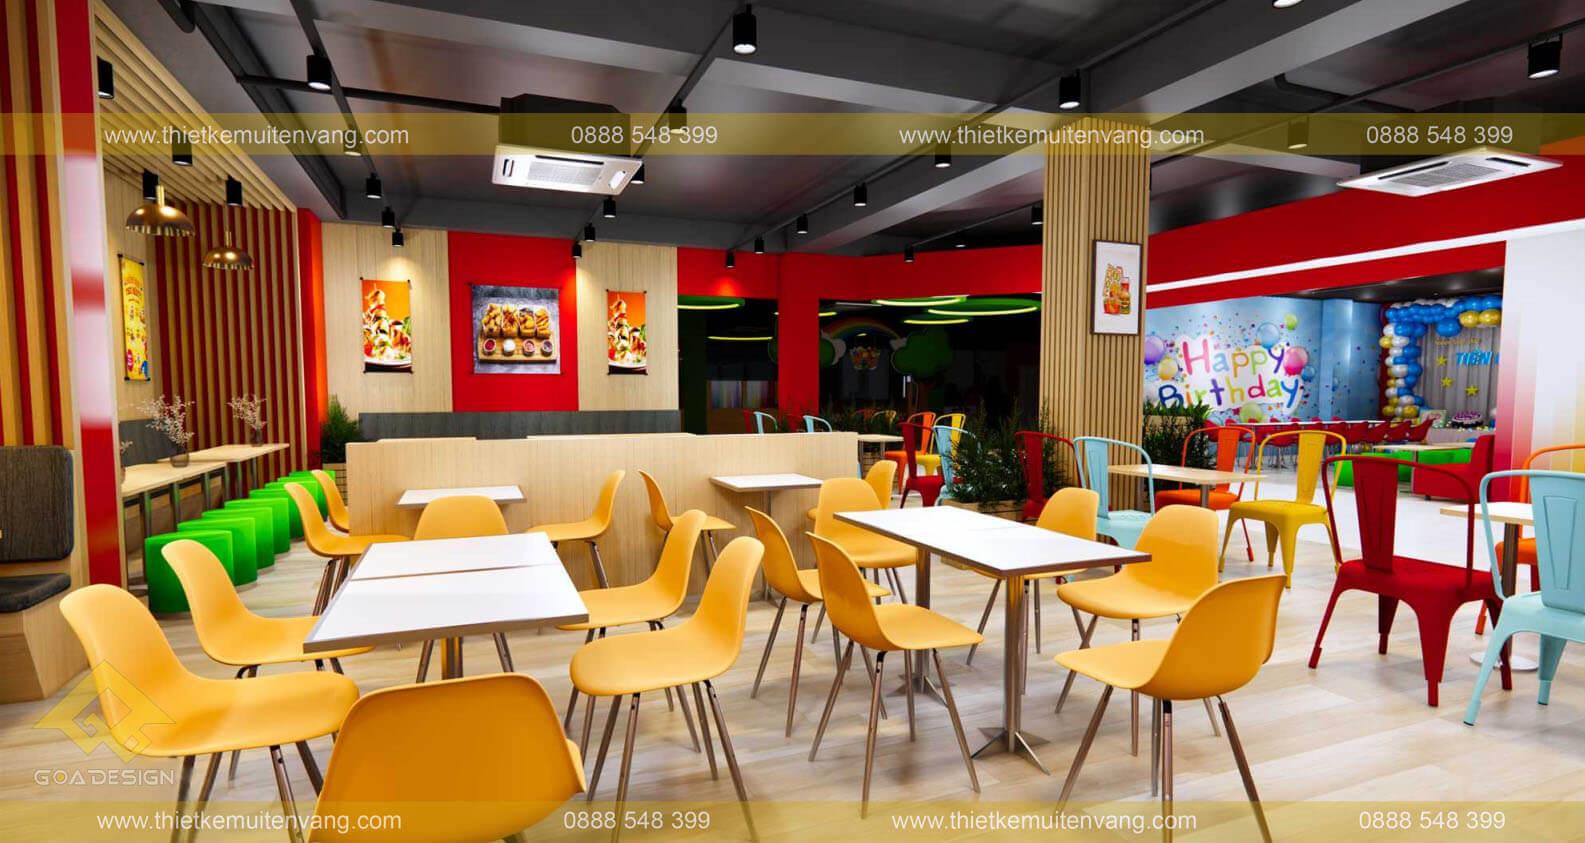 GOADESIGN Tư vấn thiết kế thi công Food & Drink Rio (24)